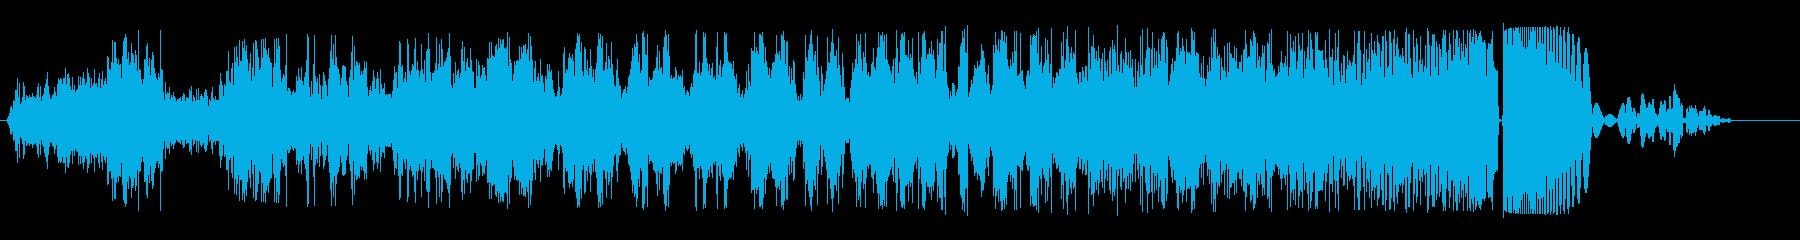 ワープ突入(シュシュシュ...ボフッ)の再生済みの波形